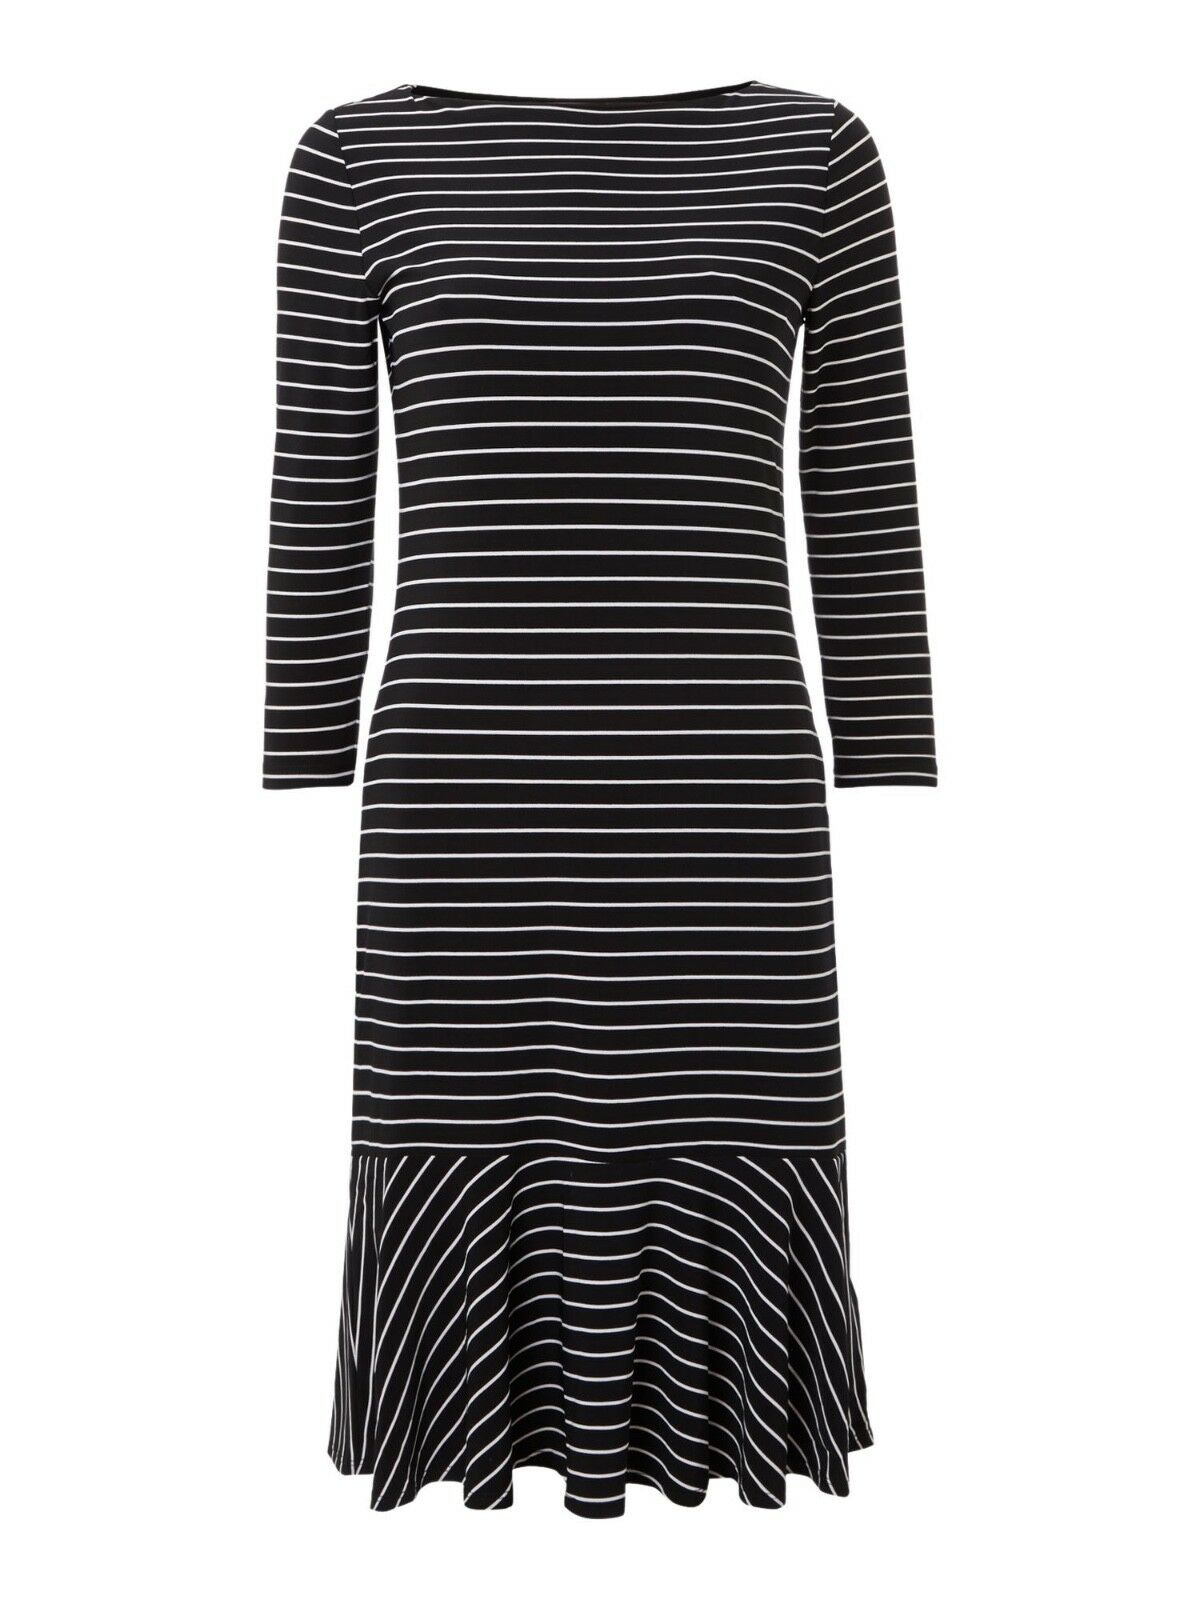 Nouveau Ralph Lauren Robe Noir Blanc XS